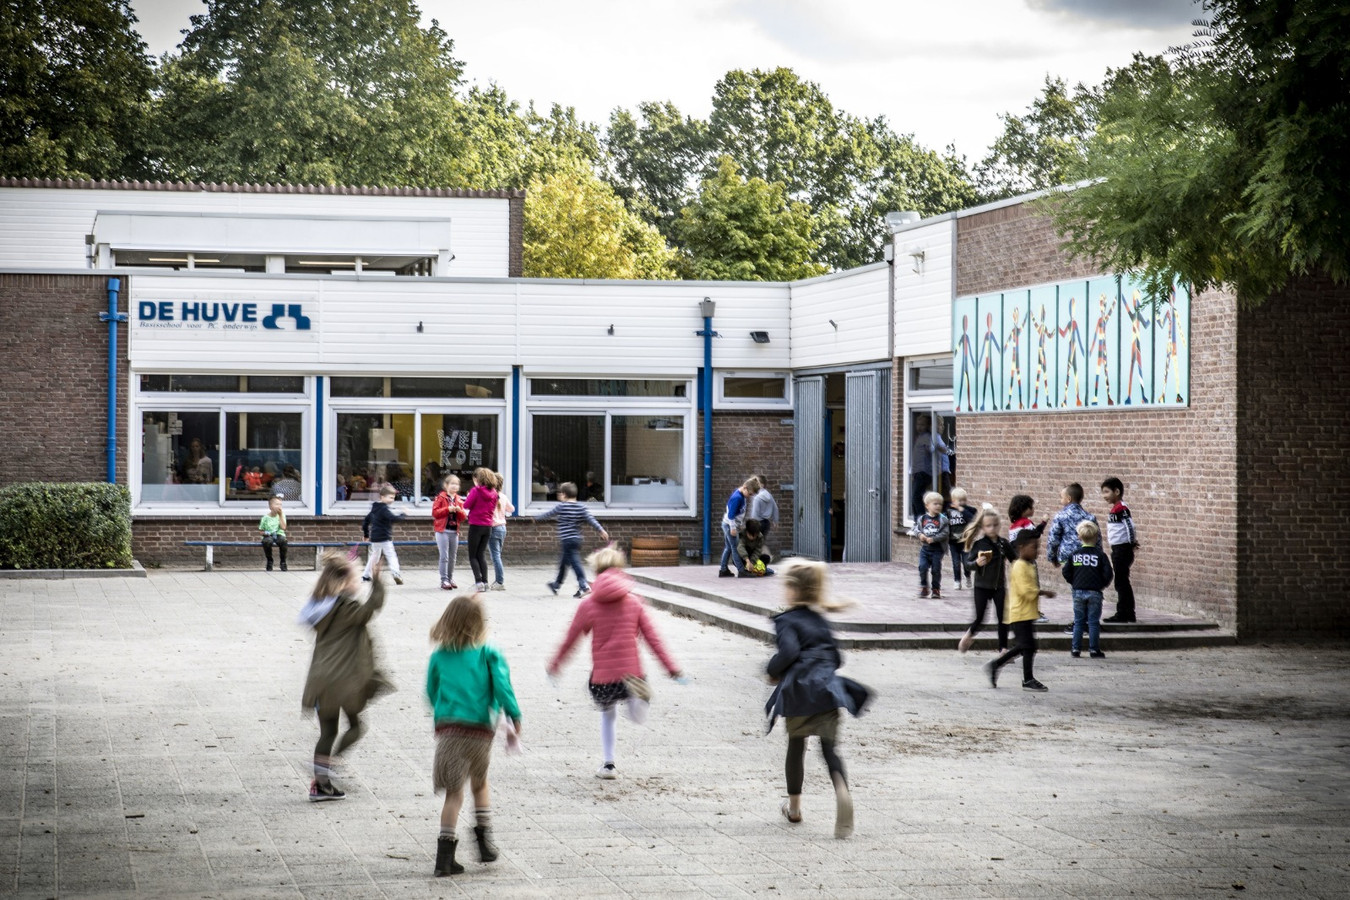 De kinderen op basisschool De Huve in Almelo speelden maandag weer vrolijk op het schoolplein, waar zich donderdag een tragisch incident voordeed.